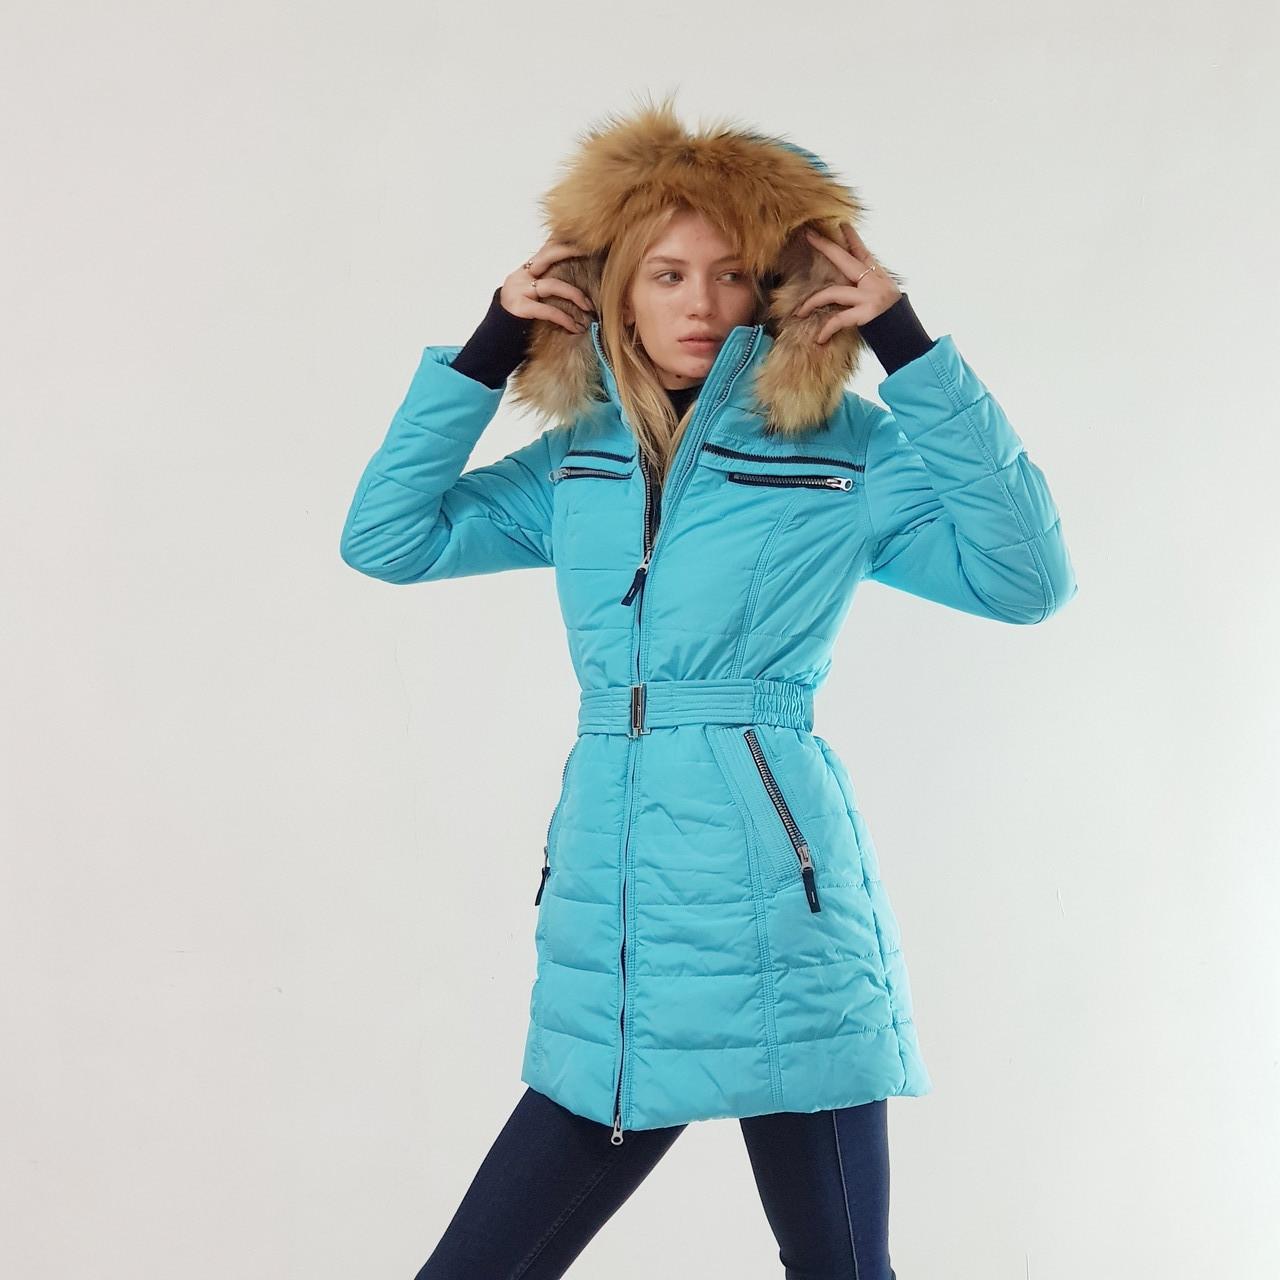 Куртка пуховик зимний женский Snowimage с капюшоном и натуральным мехом 48 голубой 312-3249